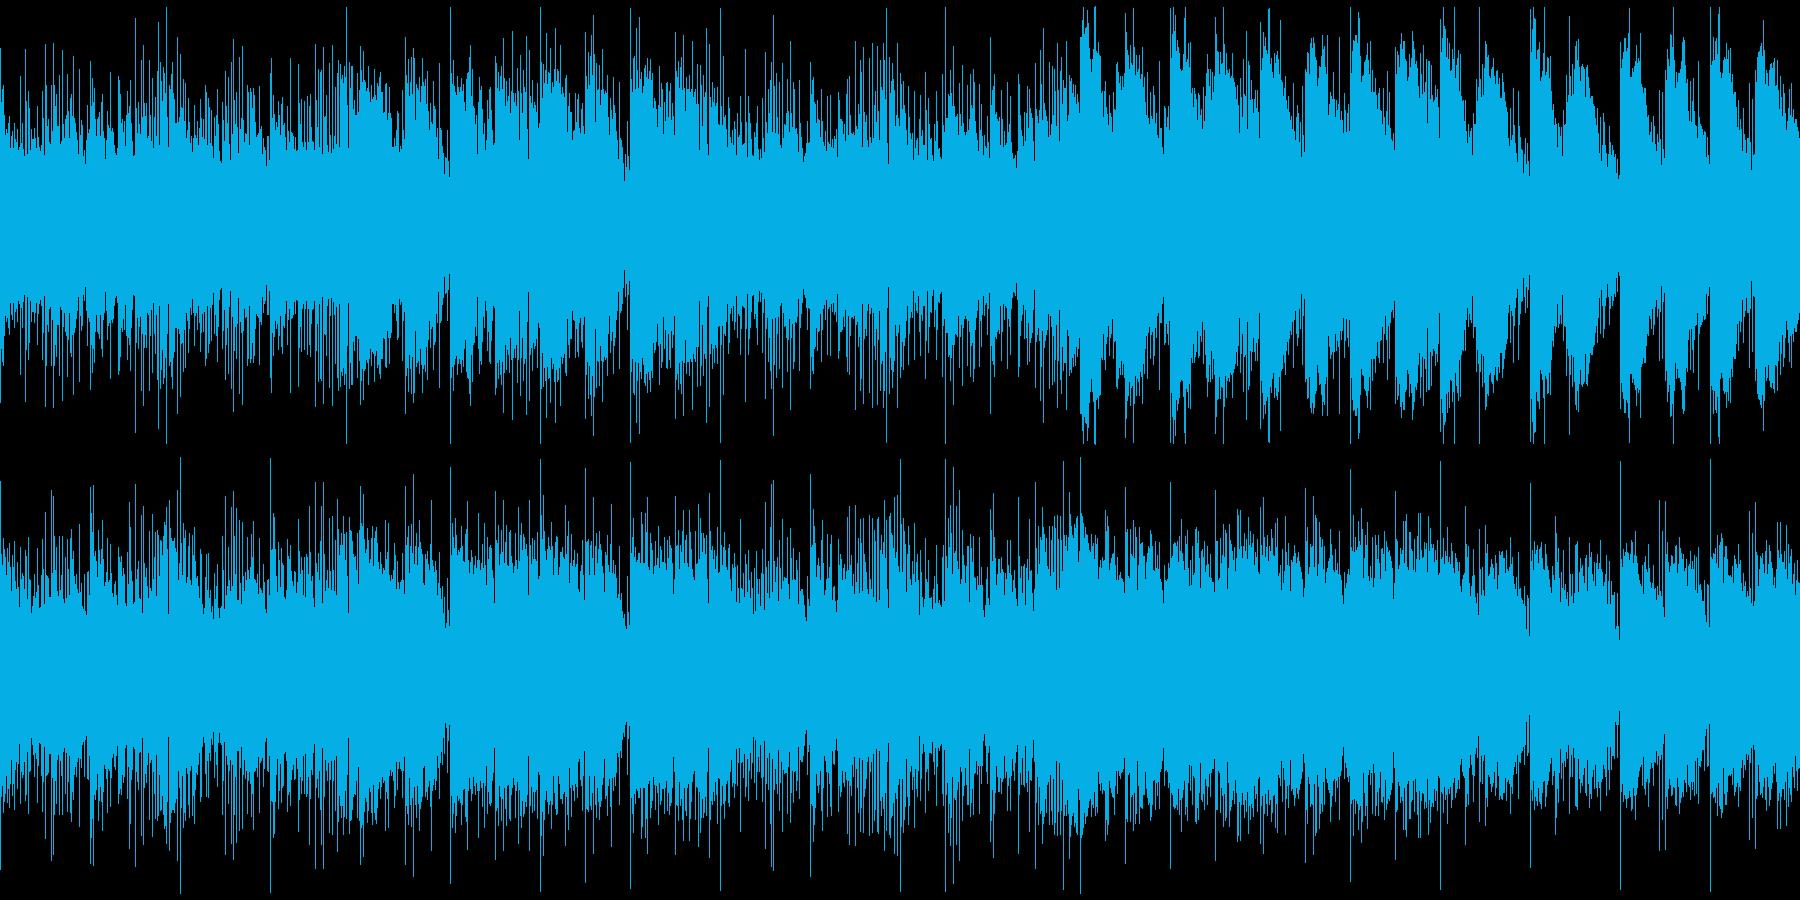 ホラー・恐怖・緊迫した曲の再生済みの波形